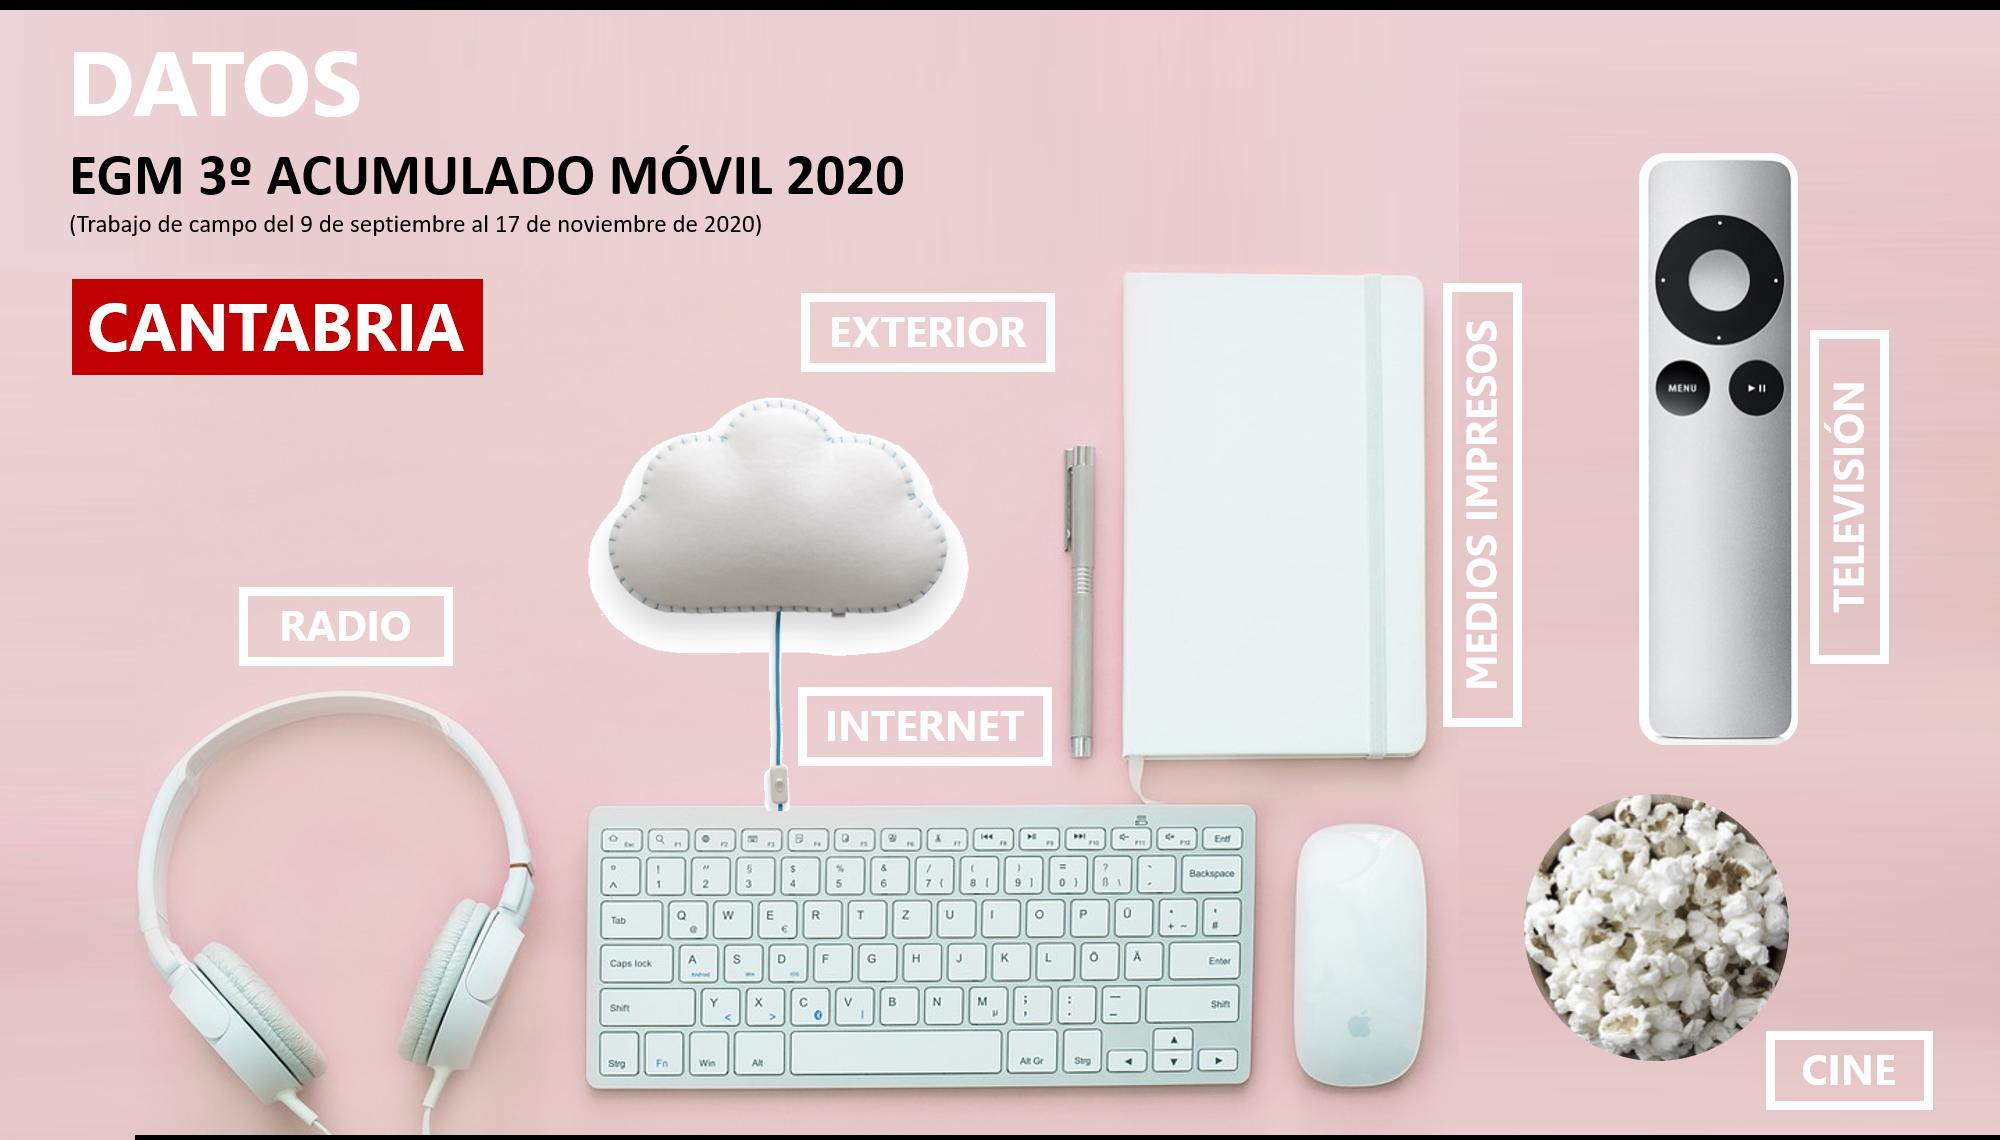 3º EGM 2020 CANTABRIA Avante